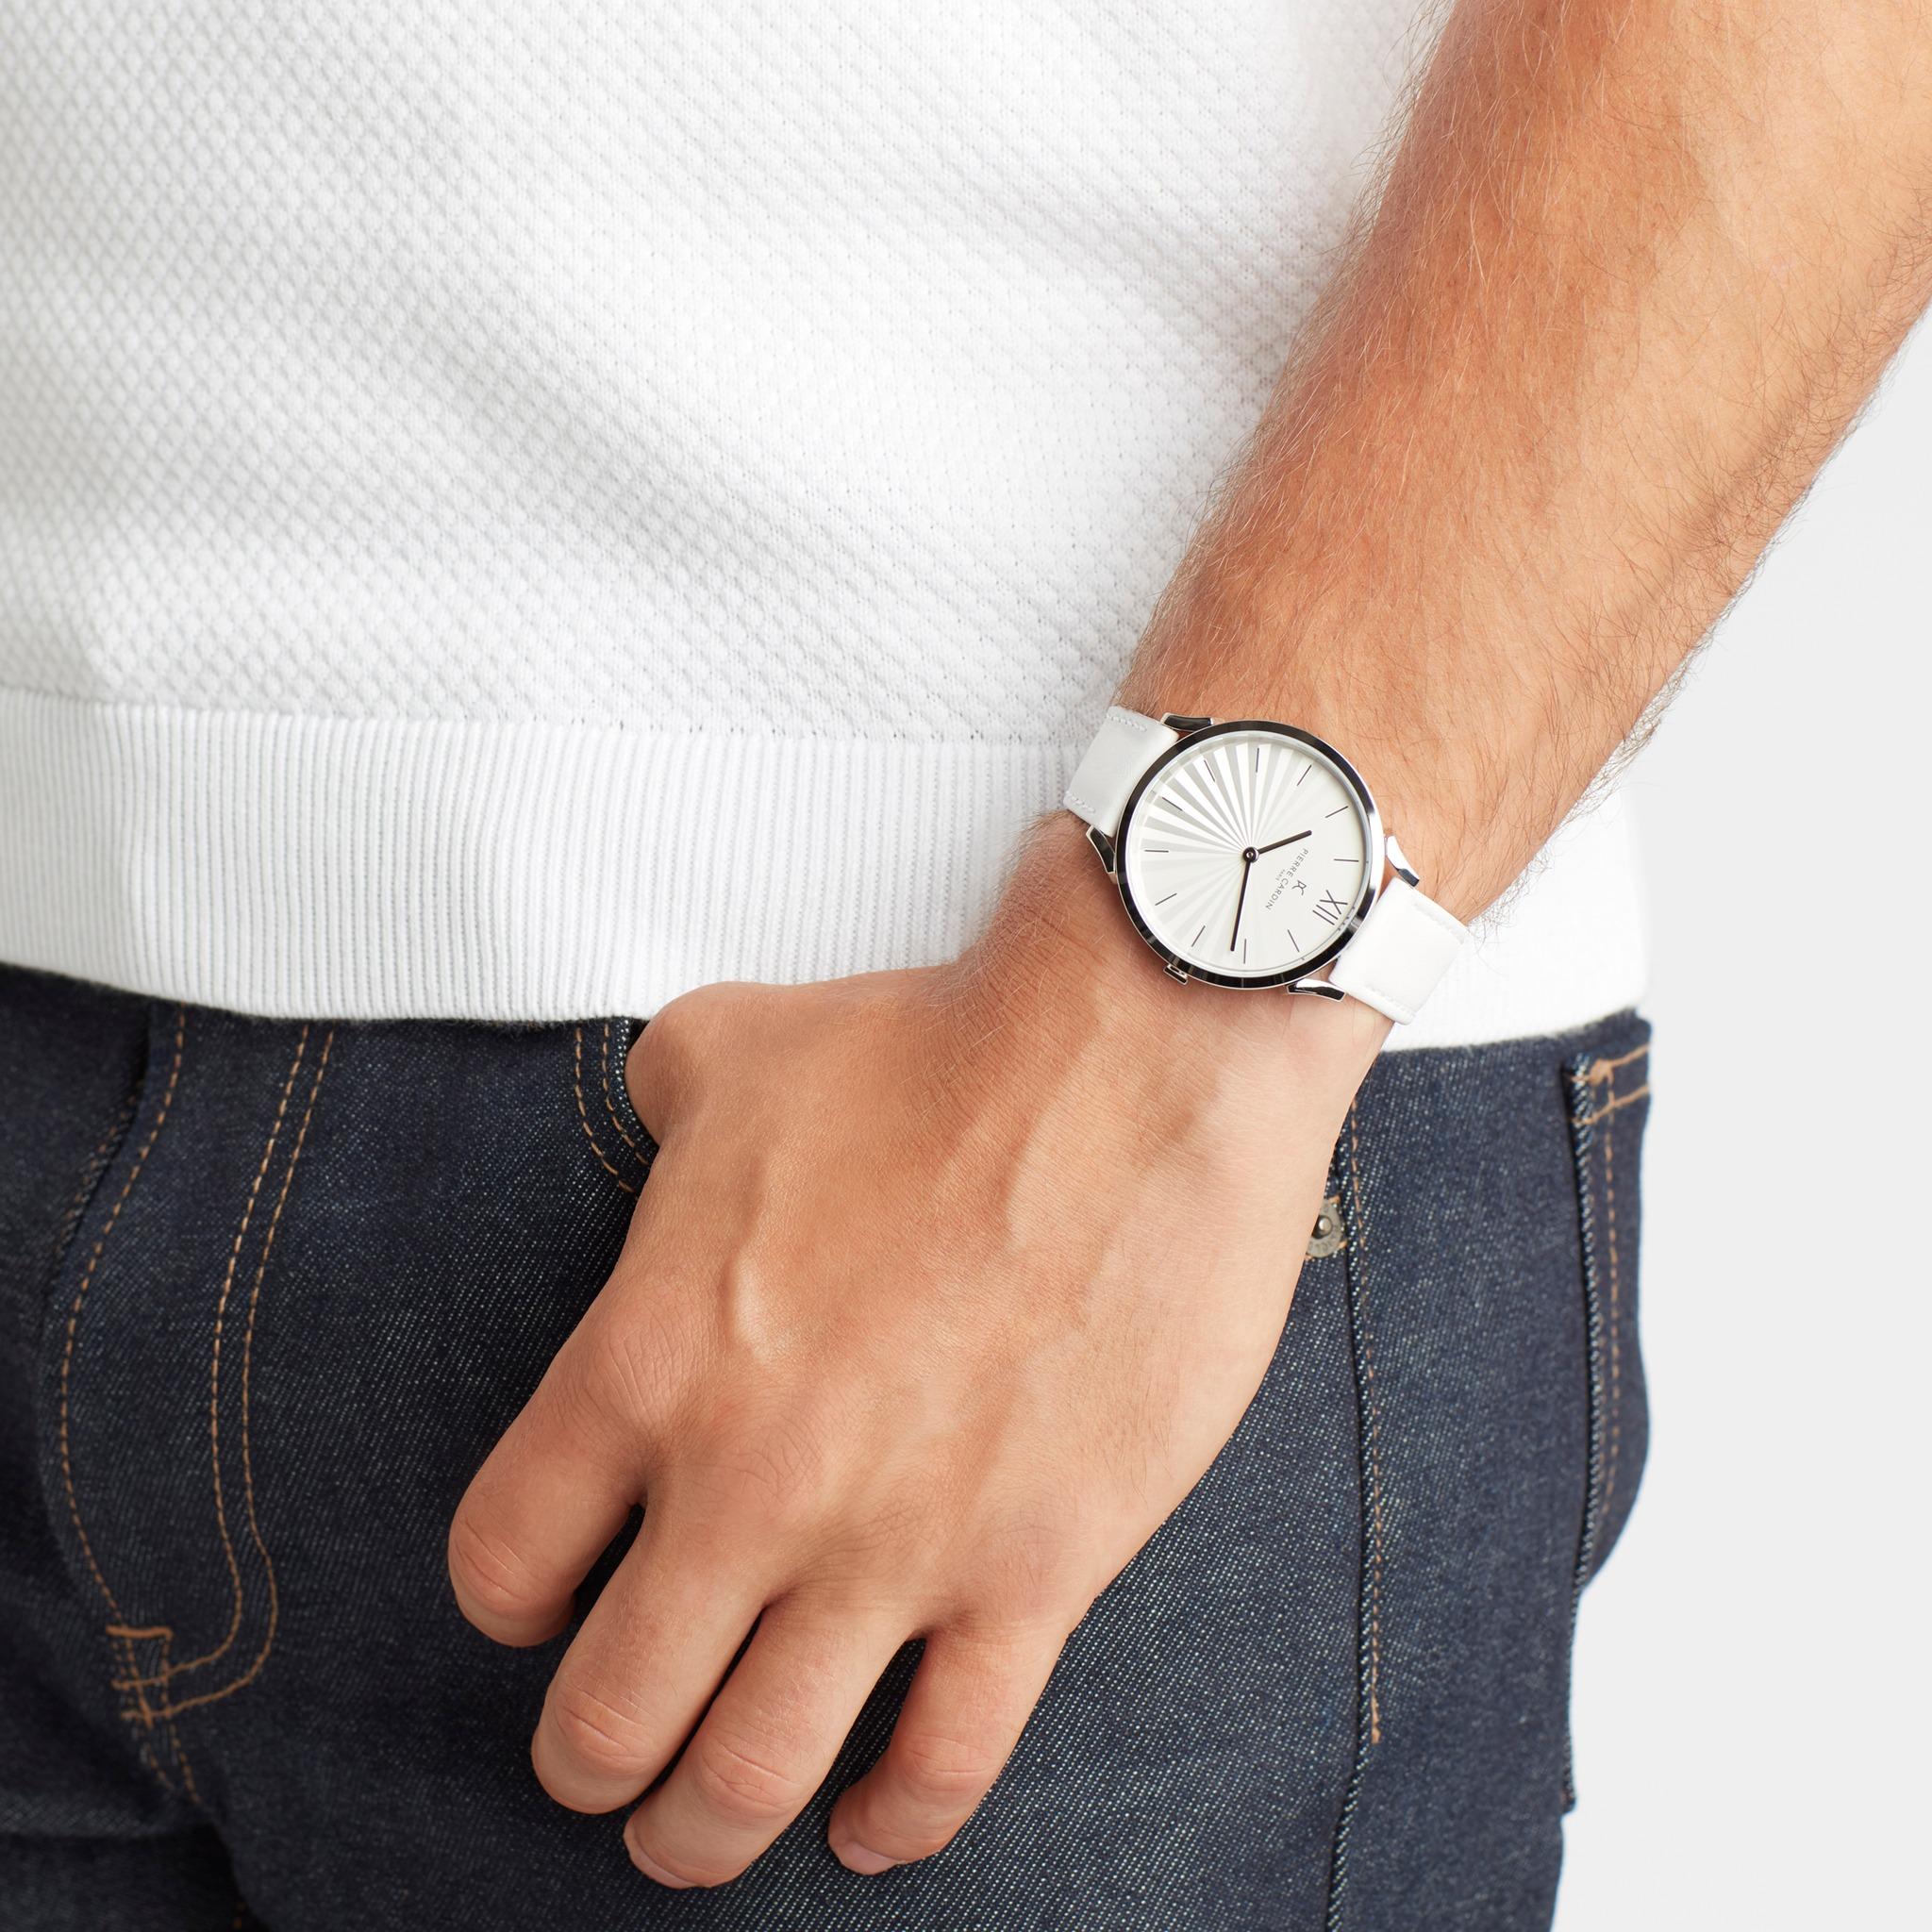 Người mệnh mộc có nên đeo đồng hồ? Những điều bạn cần nên biết